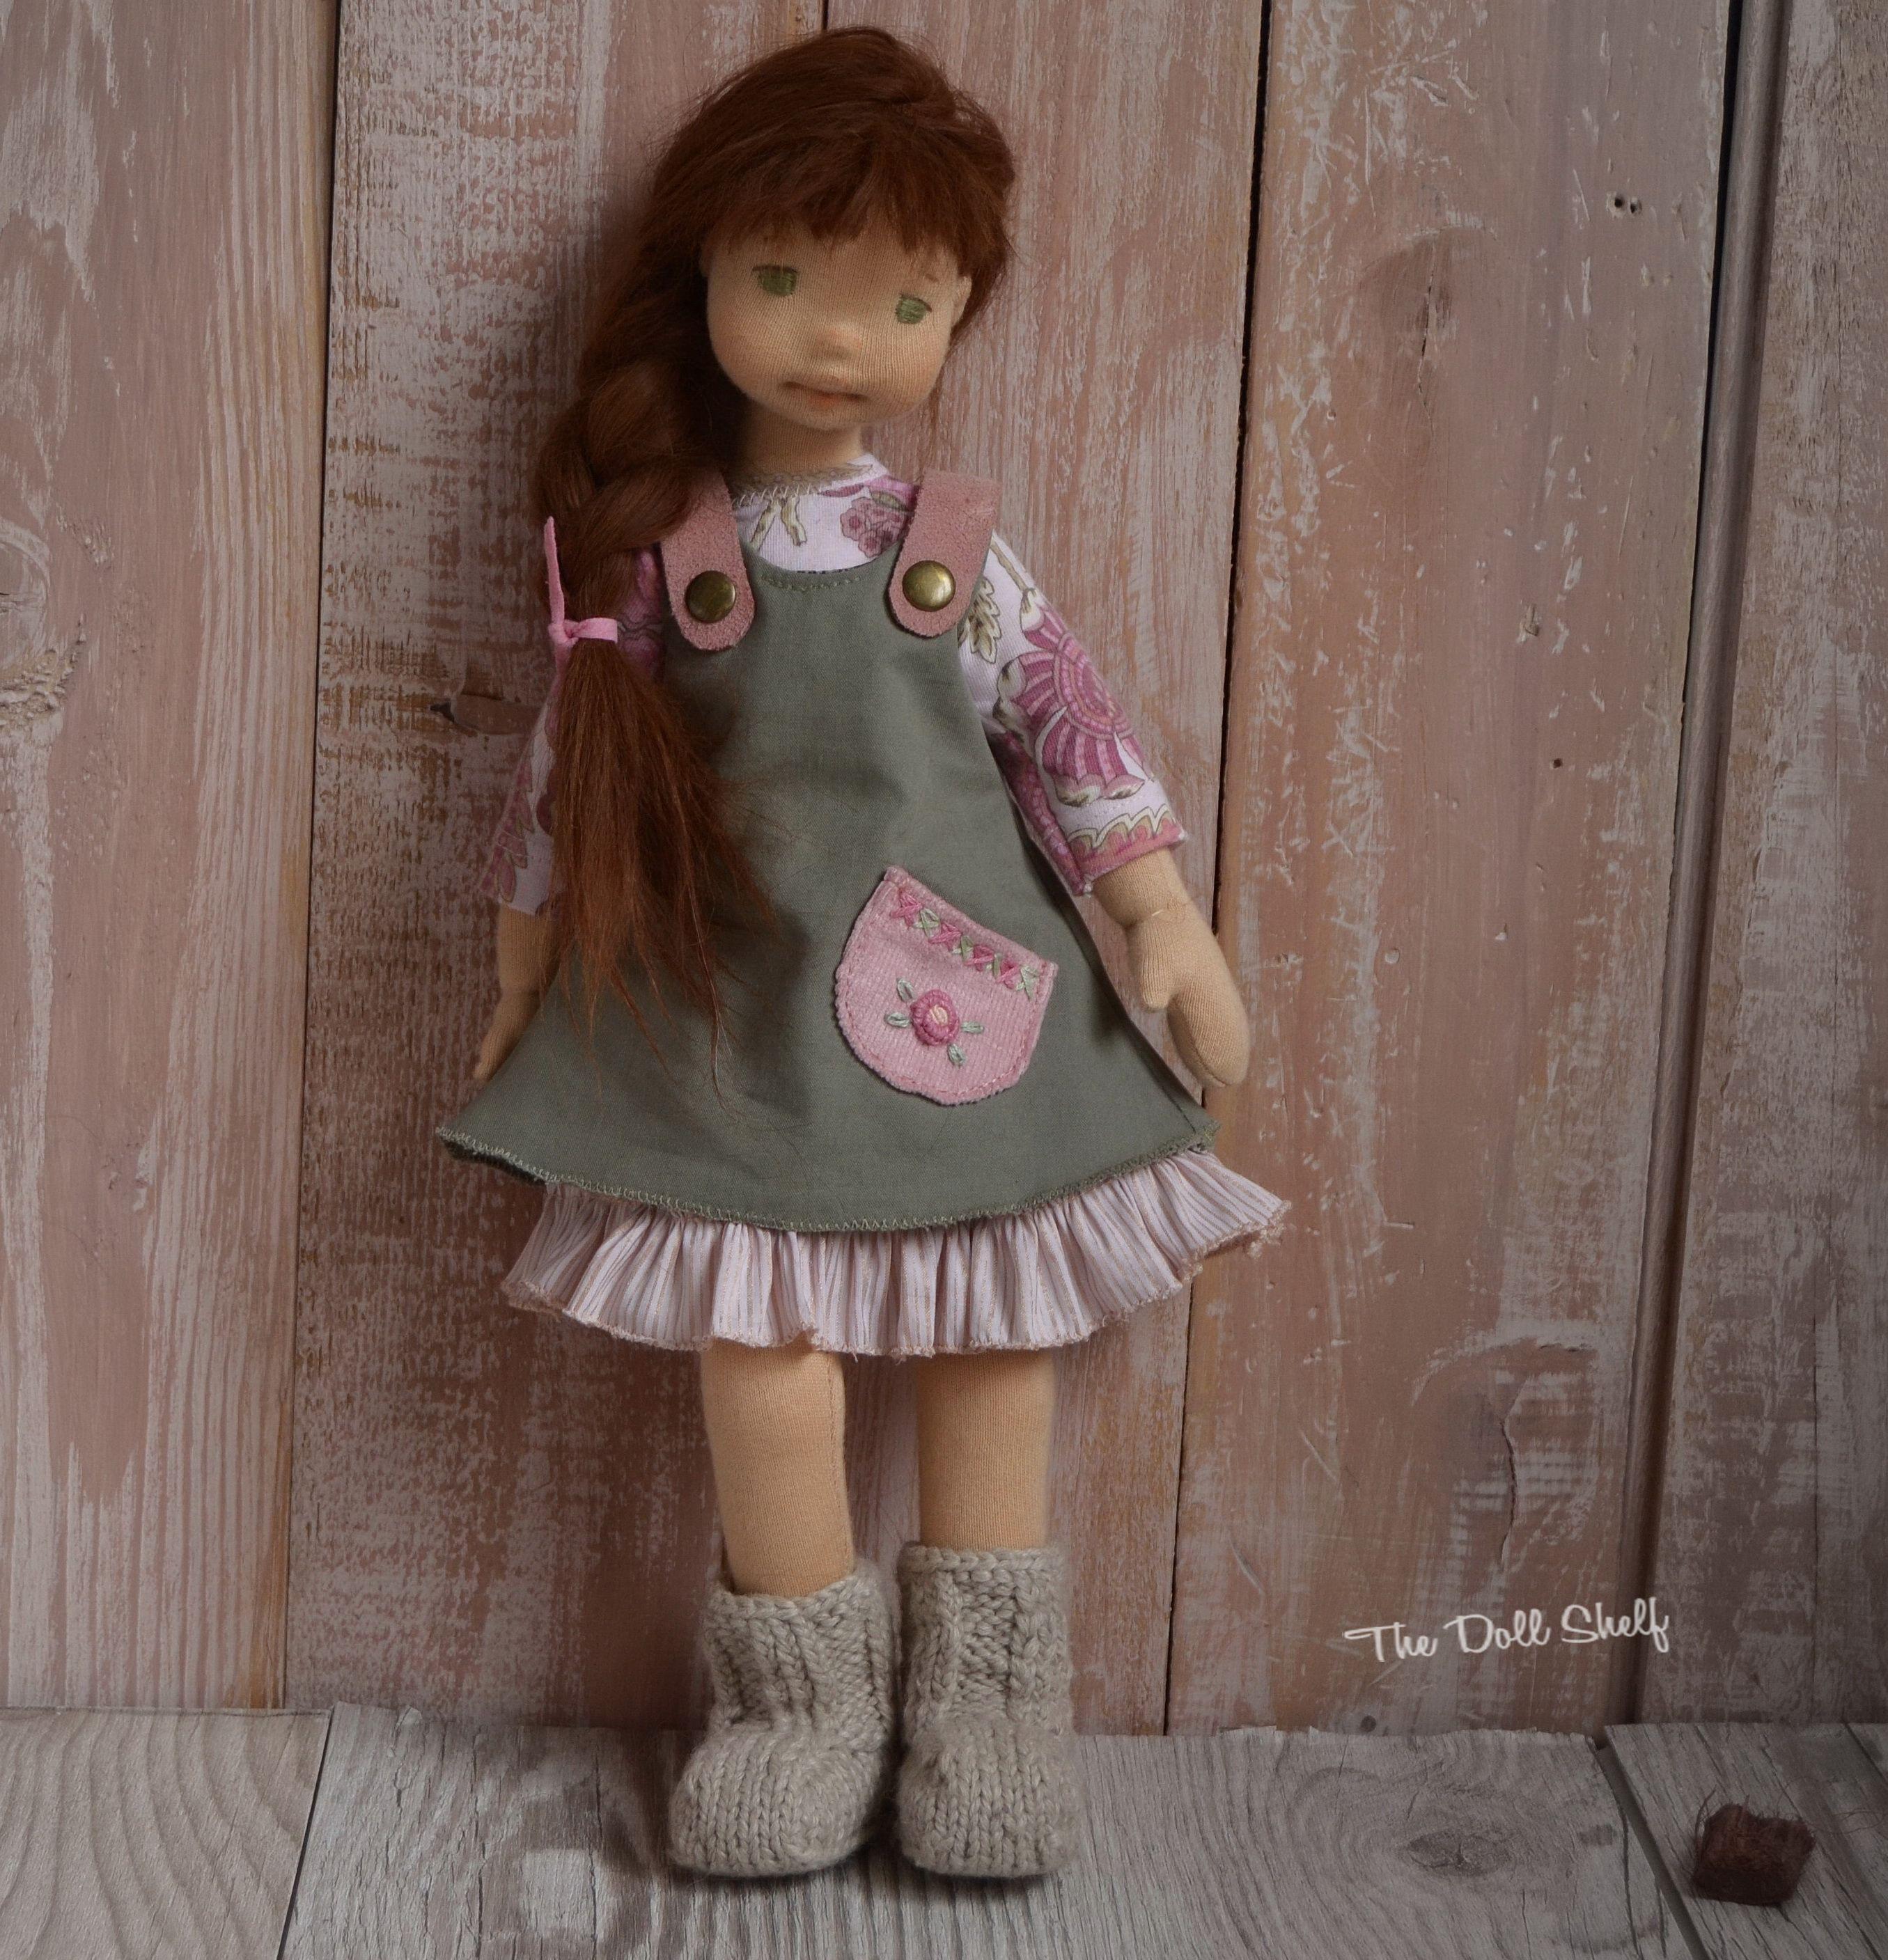 Pin On Handmade Dolls By Tatjana Petrov